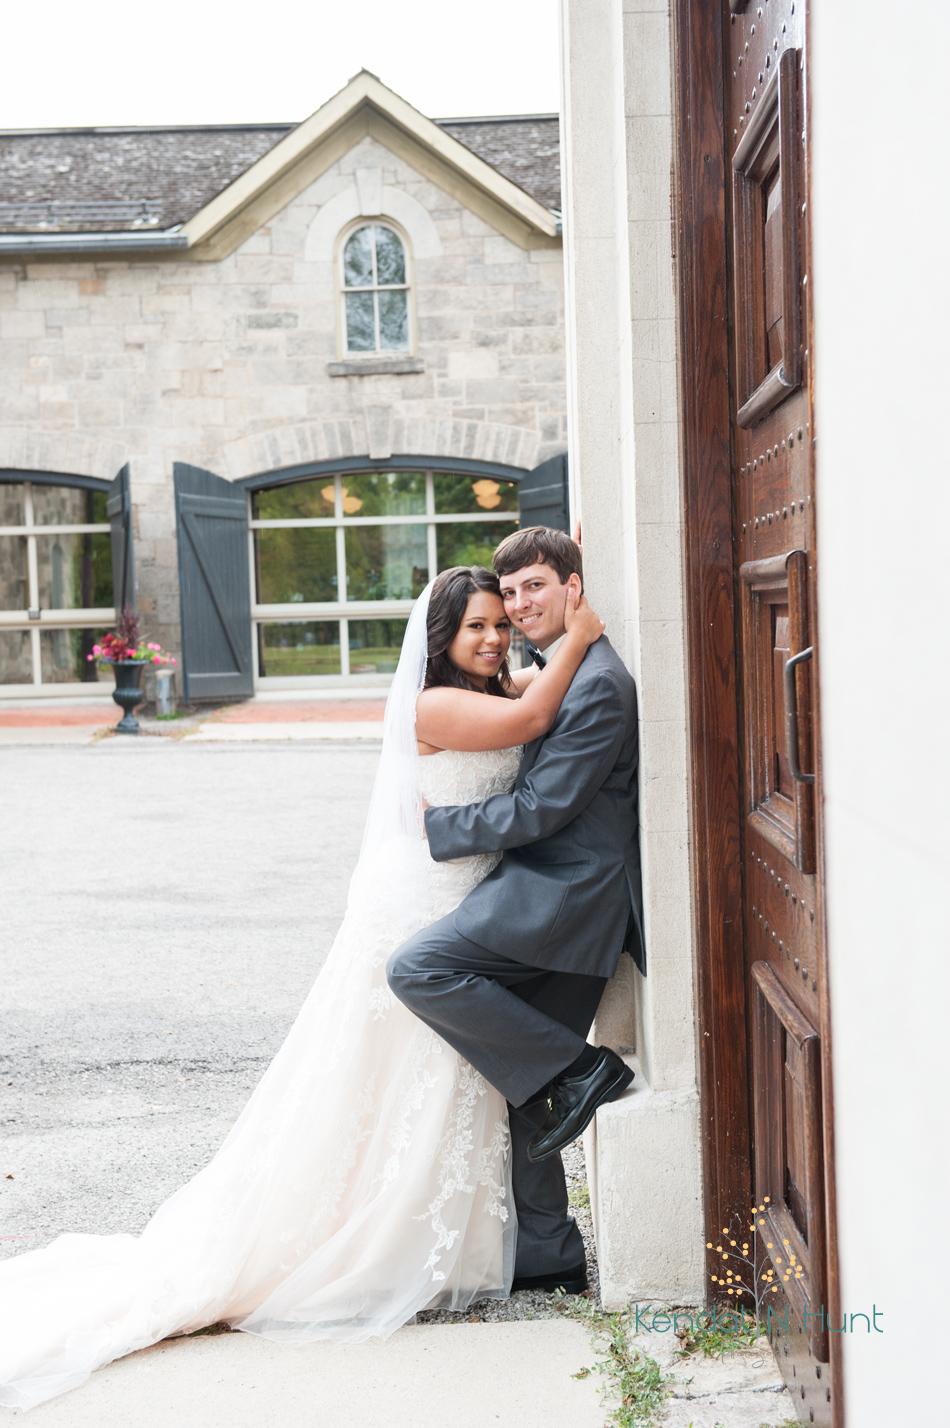 CassandraAndrea_wedding027.jpg